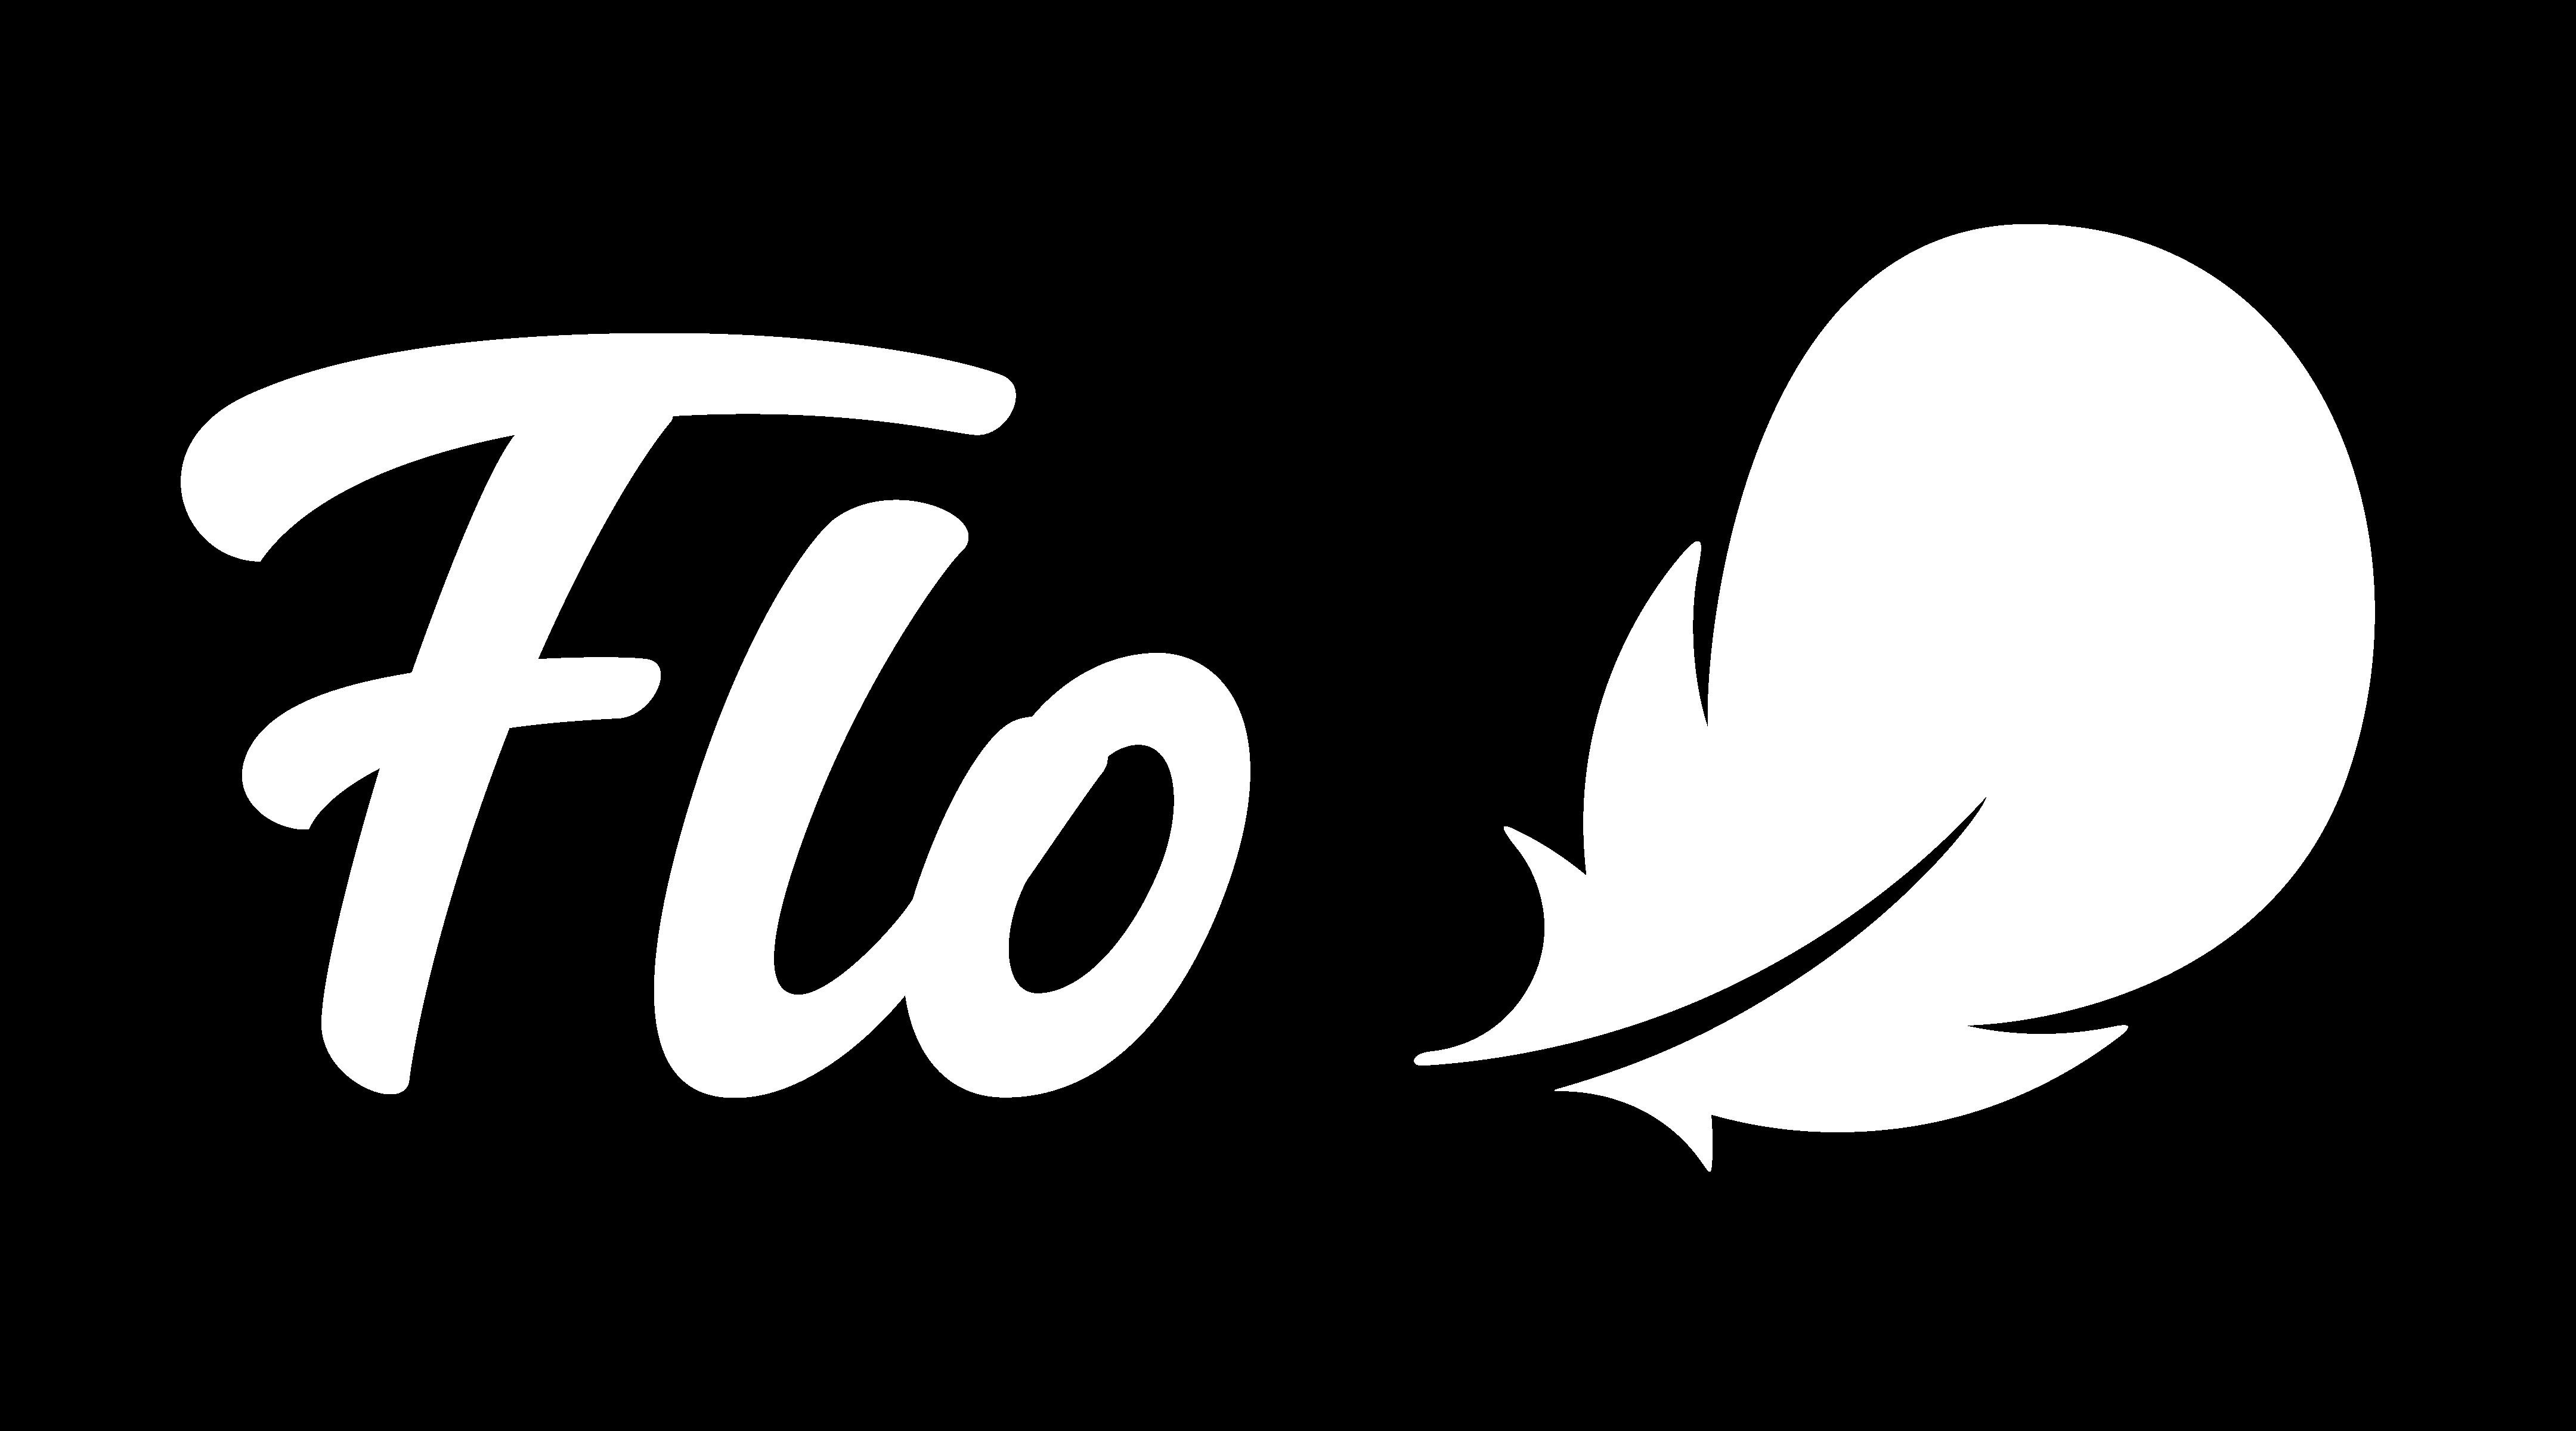 Логотип Flo